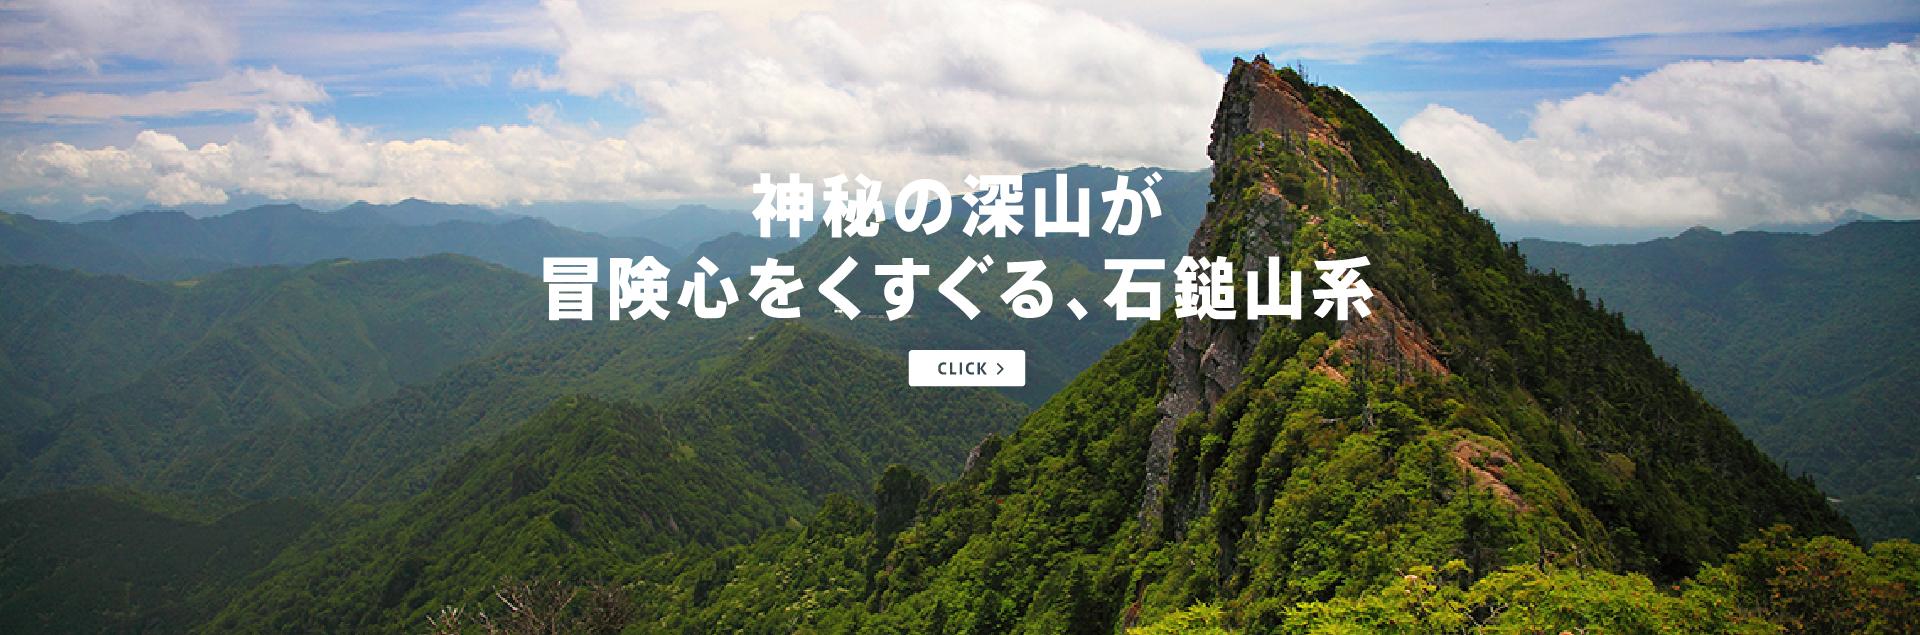 神秘の深山が冒険心をくすぐる石鎚山系